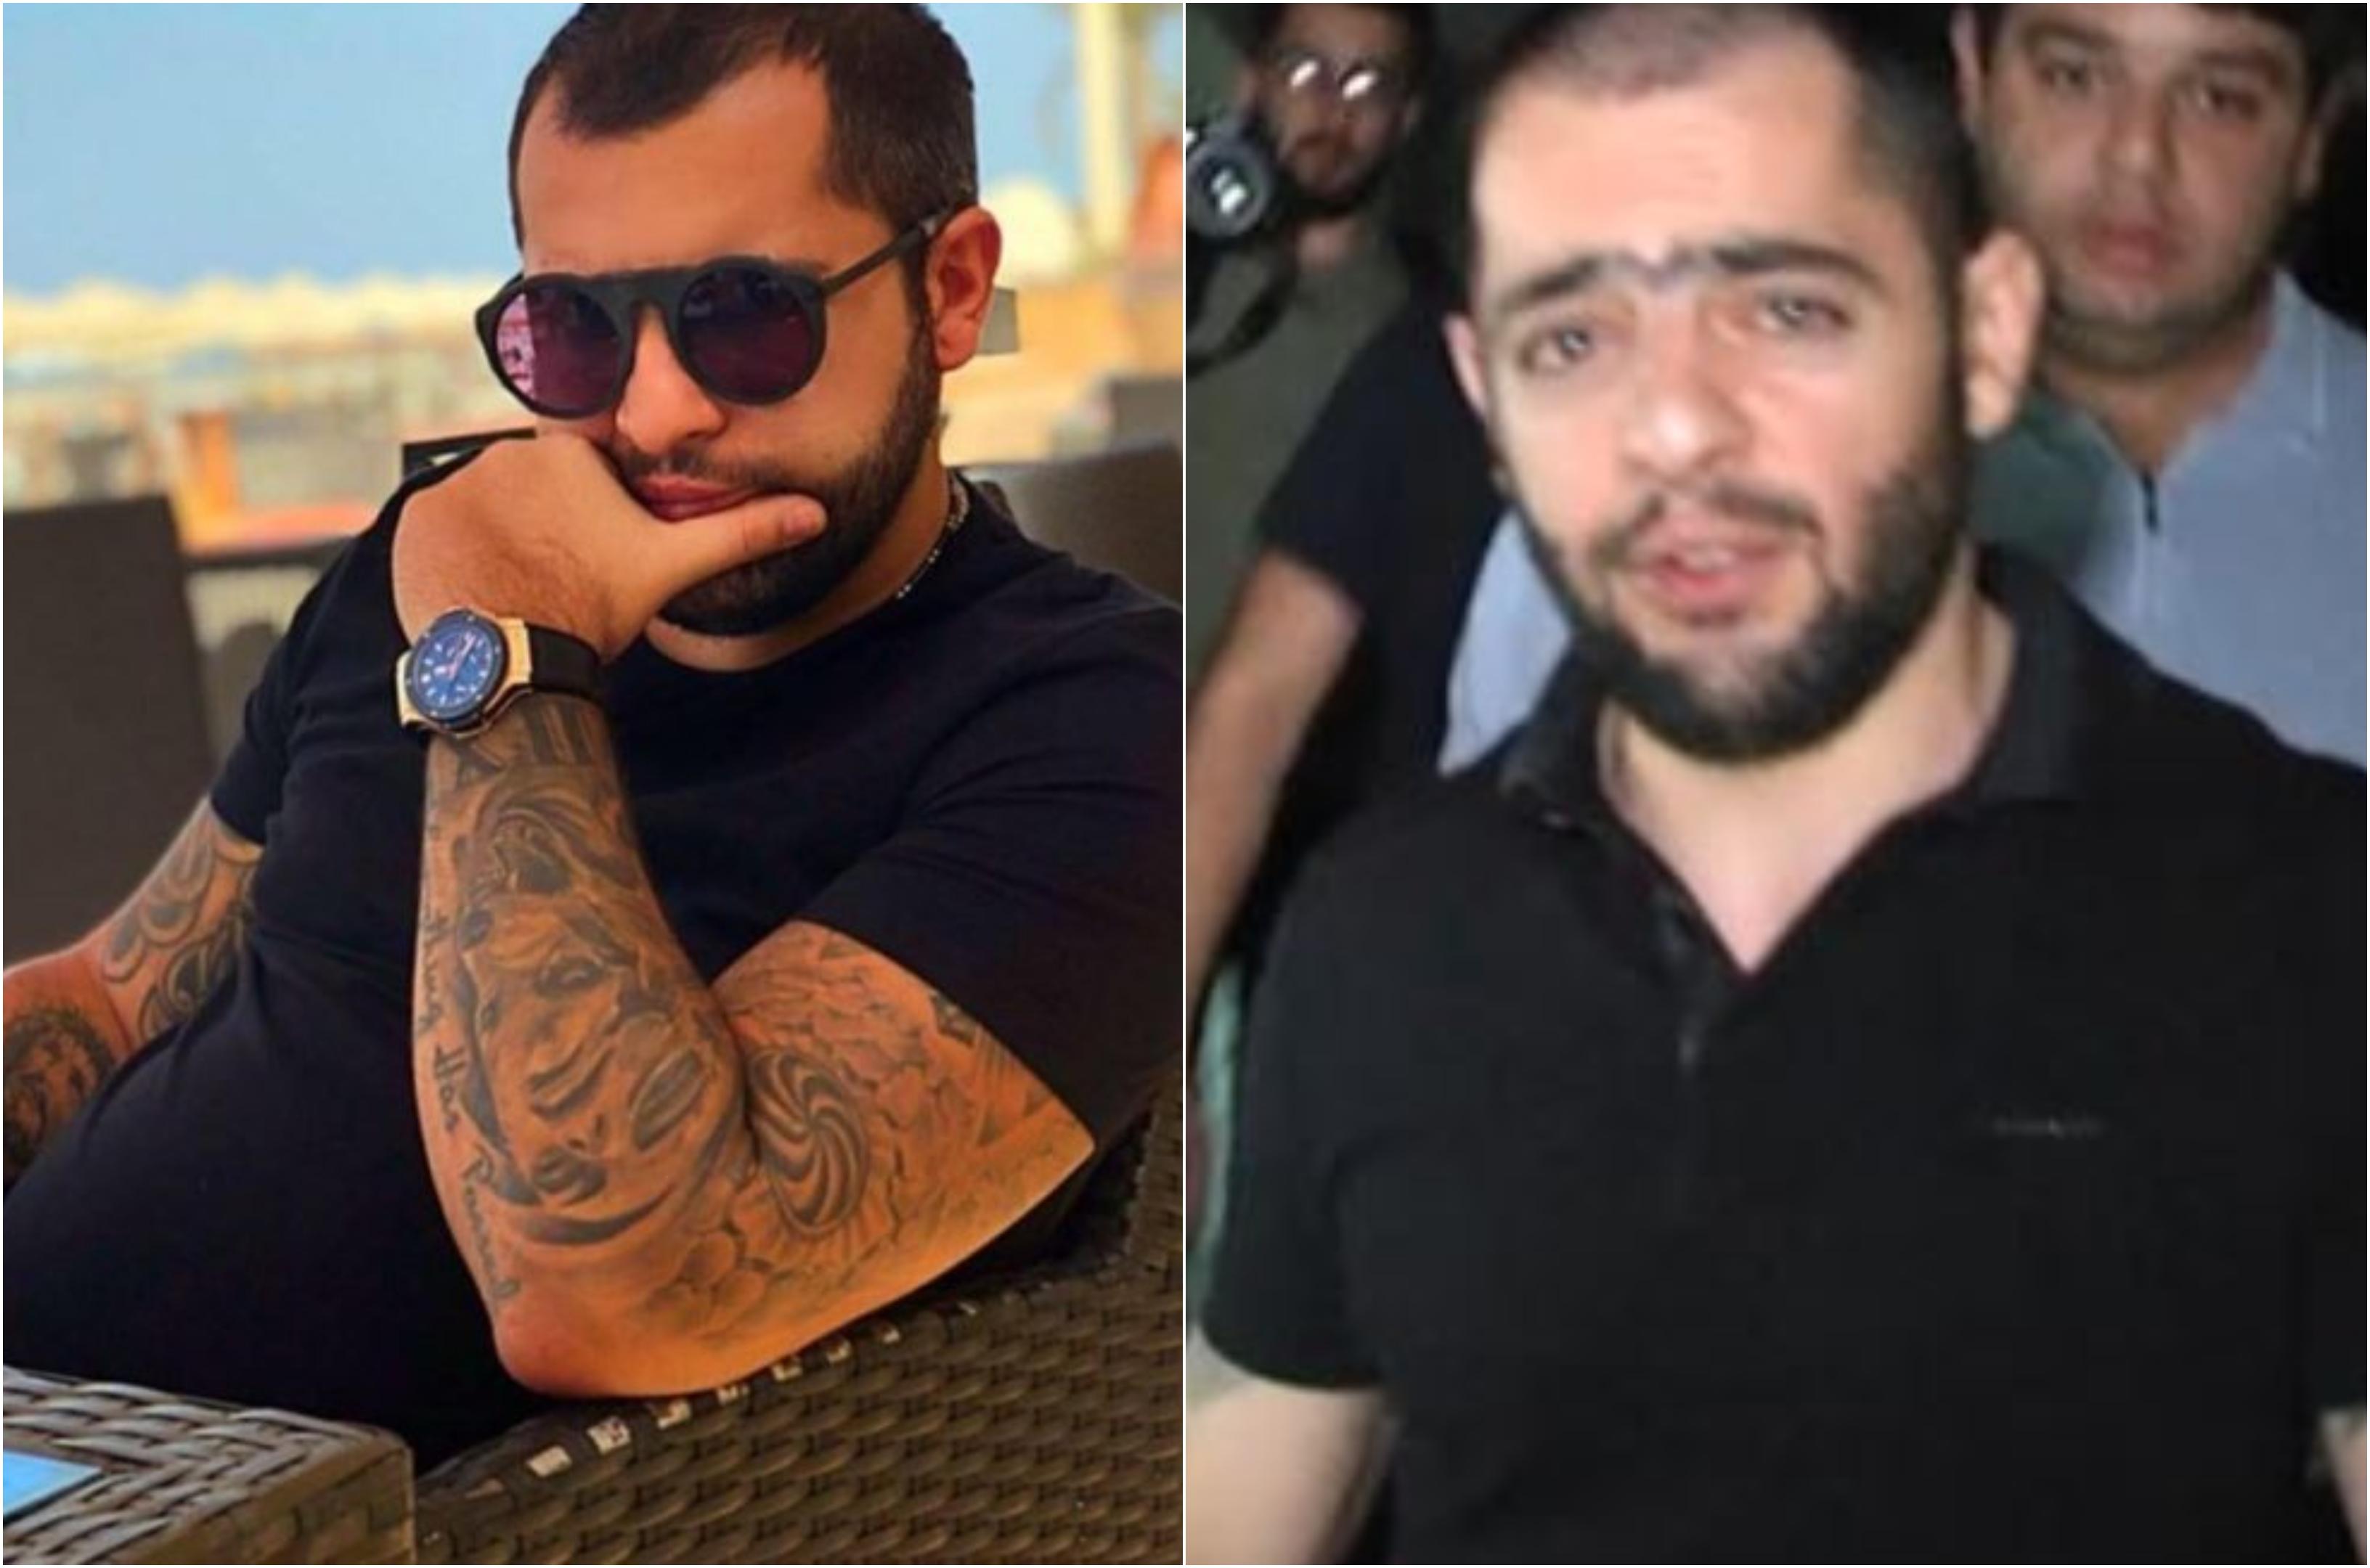 Ալեքսանդր Սարգսյանի երկու որդիներ՝ Նարեկ և Հայկ Սարգսյանները